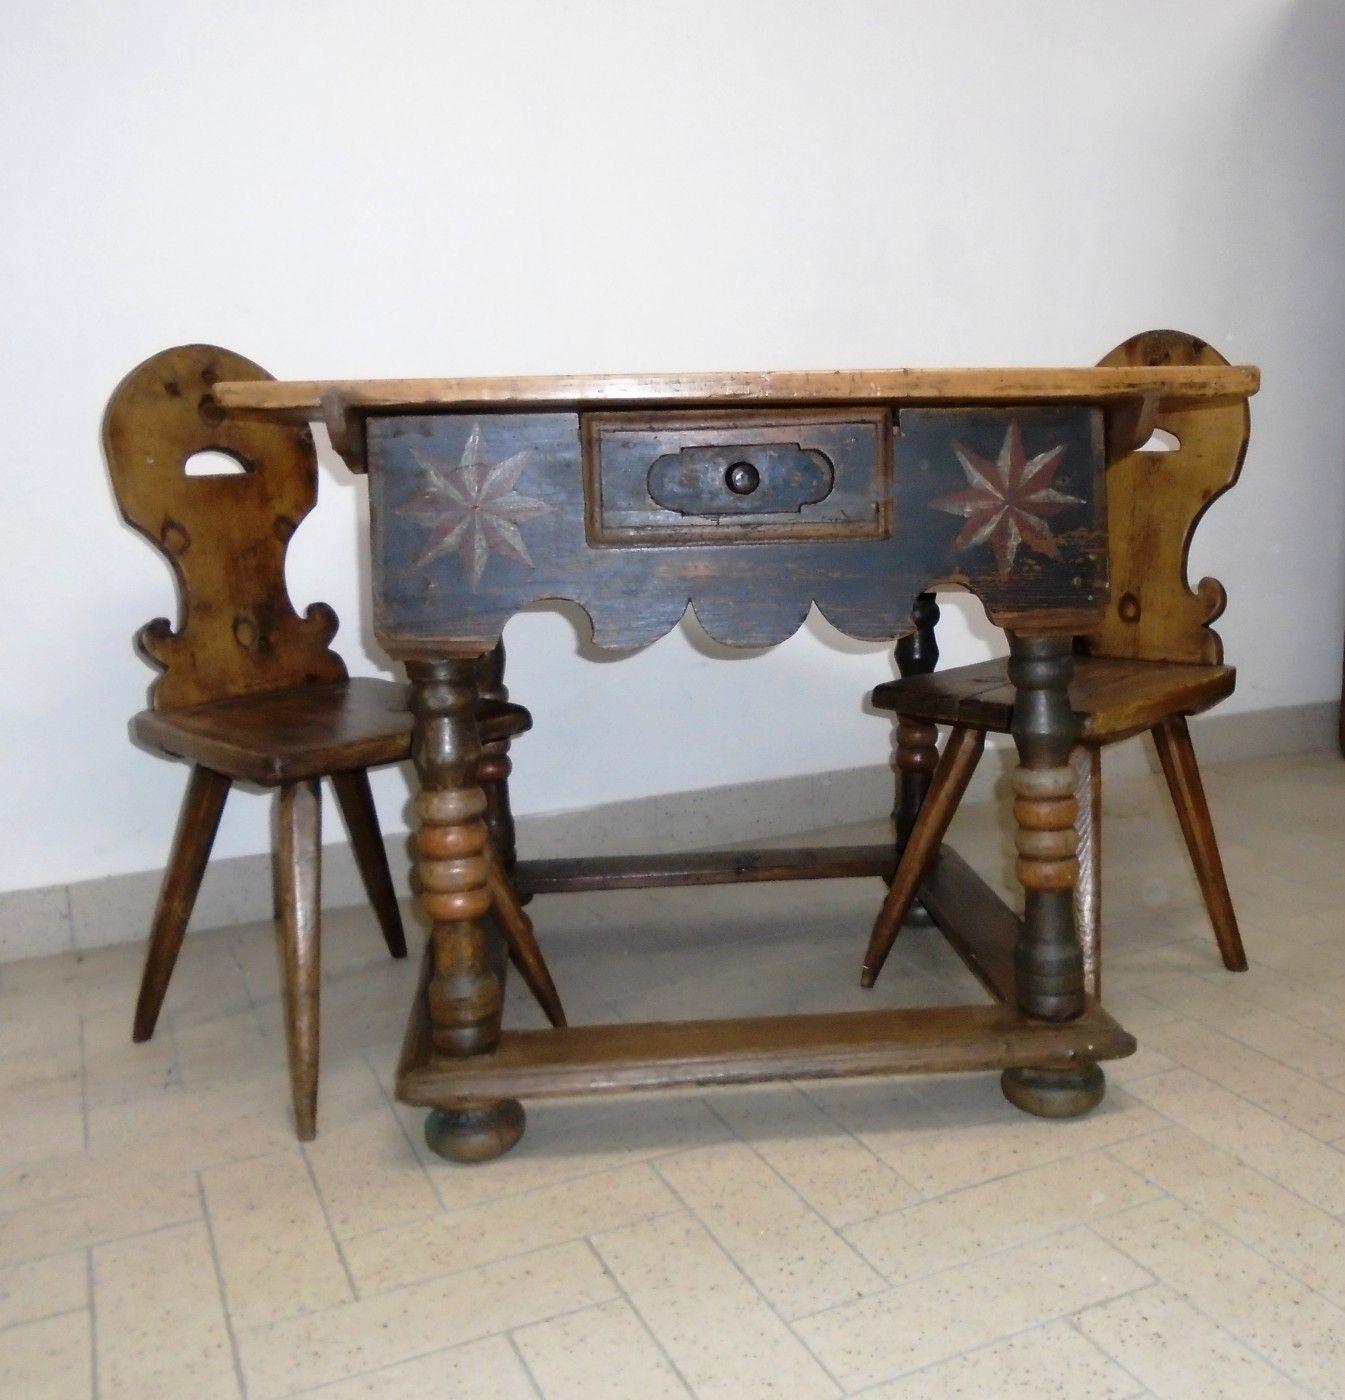 Mobili In Legno Massiccio Trentino tavolino dipinto - prov. trentino | antichità evelina